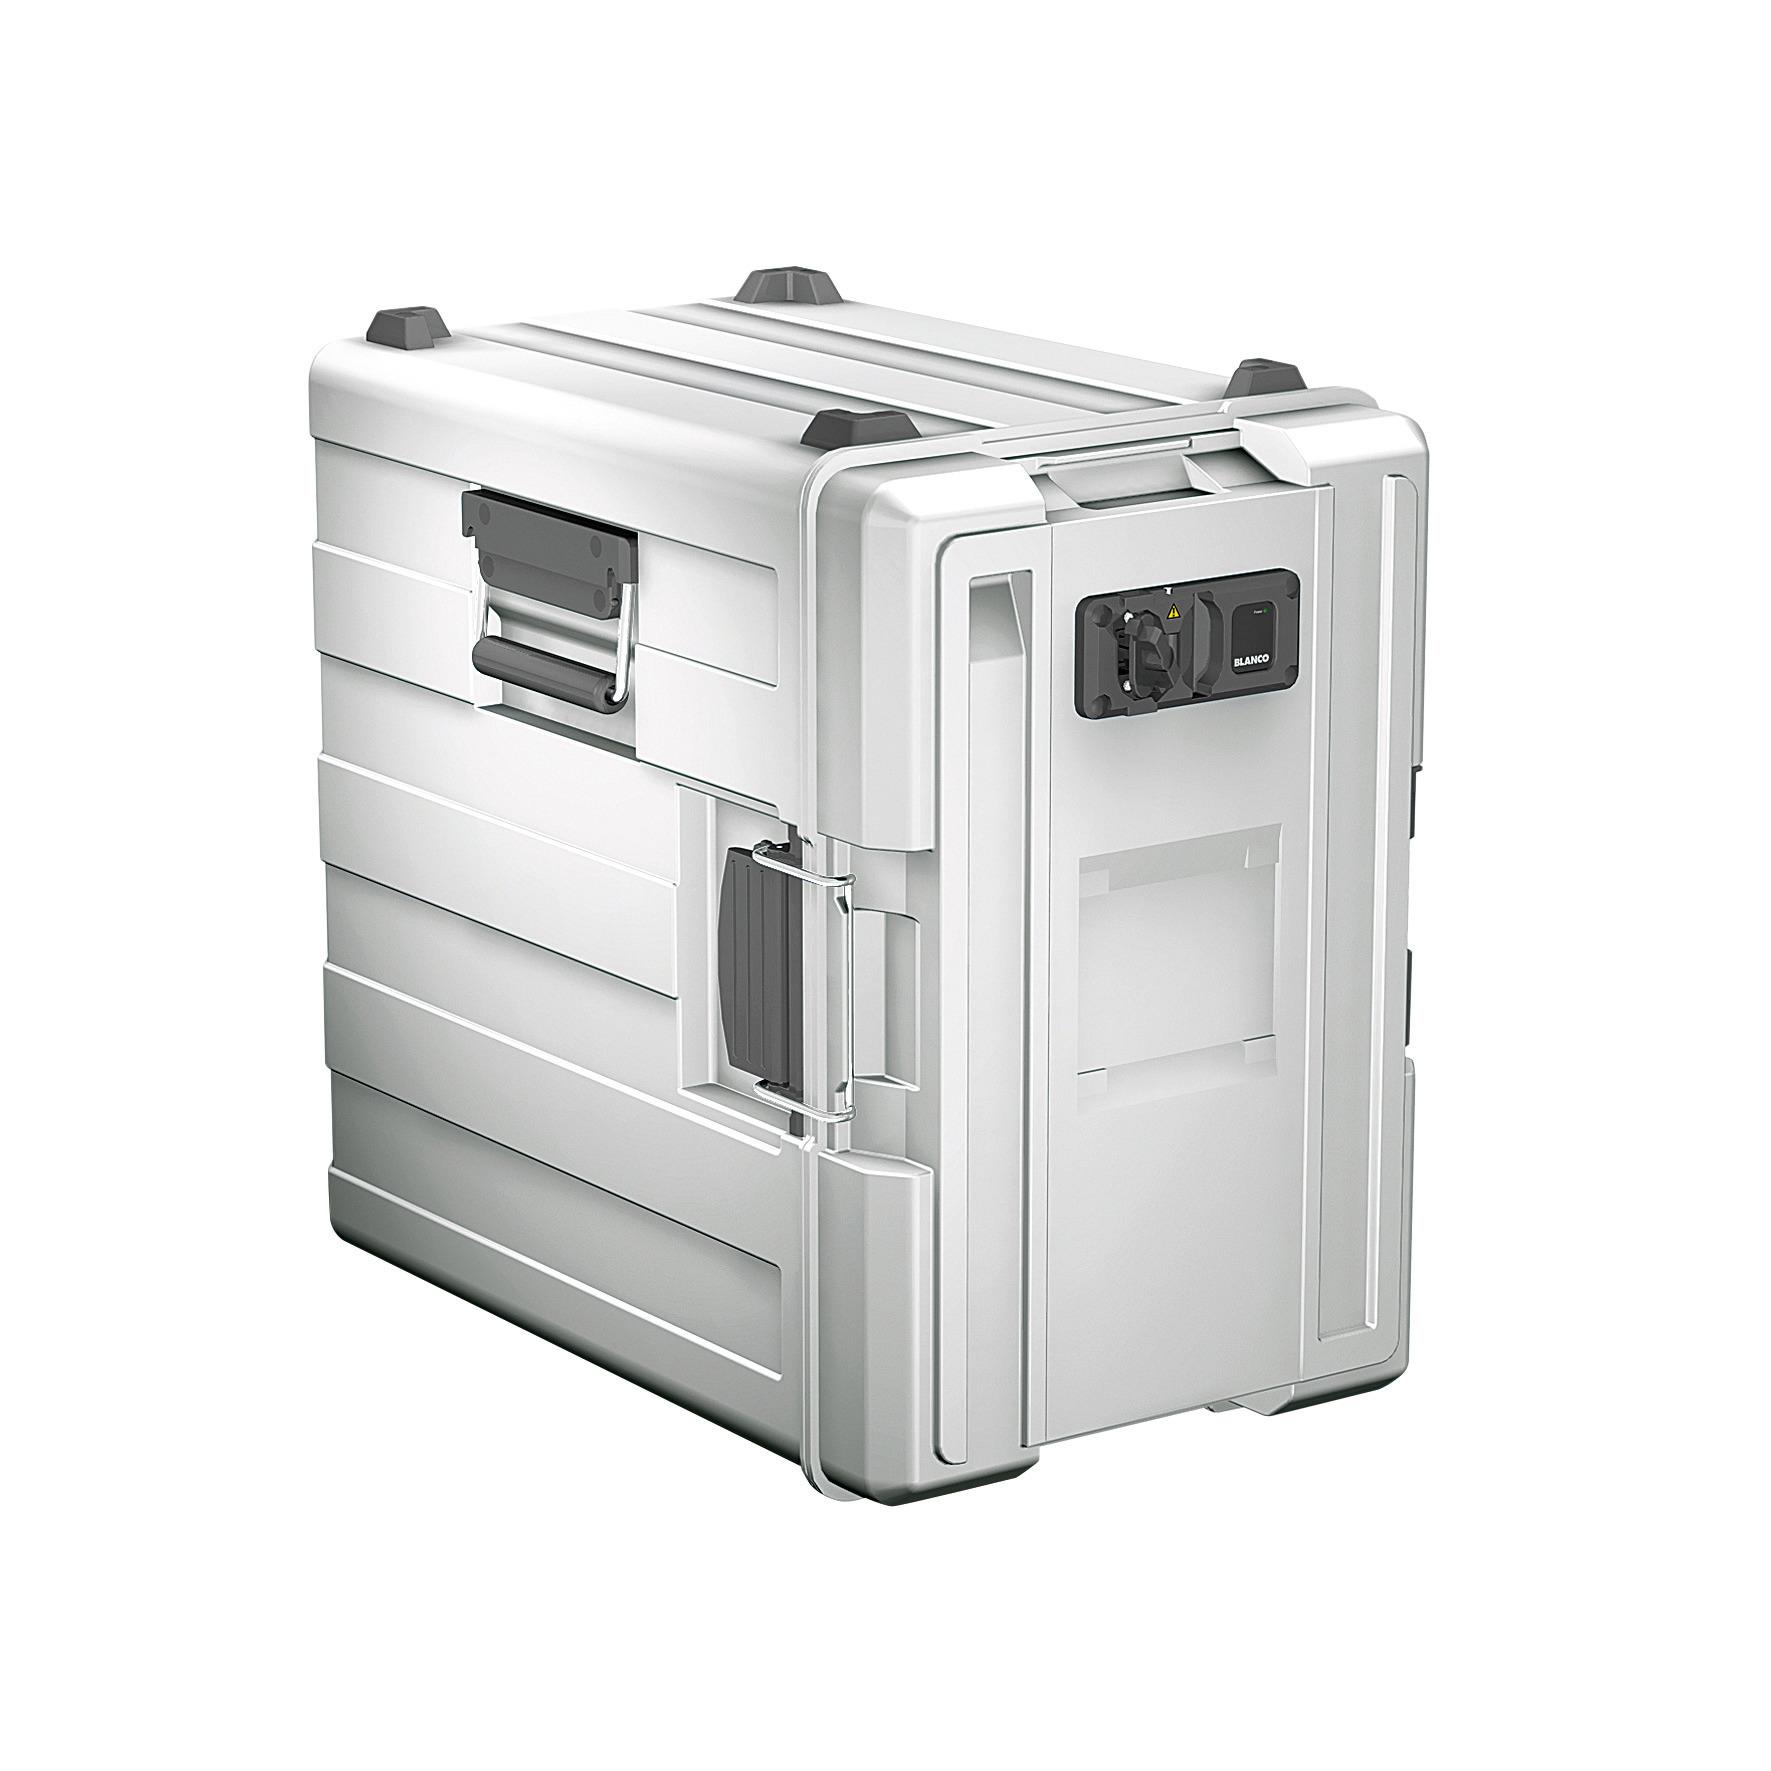 Blancotherm Frontlader Kunststoff / mit Temperaturregler / 3 x GN 1/1 /Flügeltür